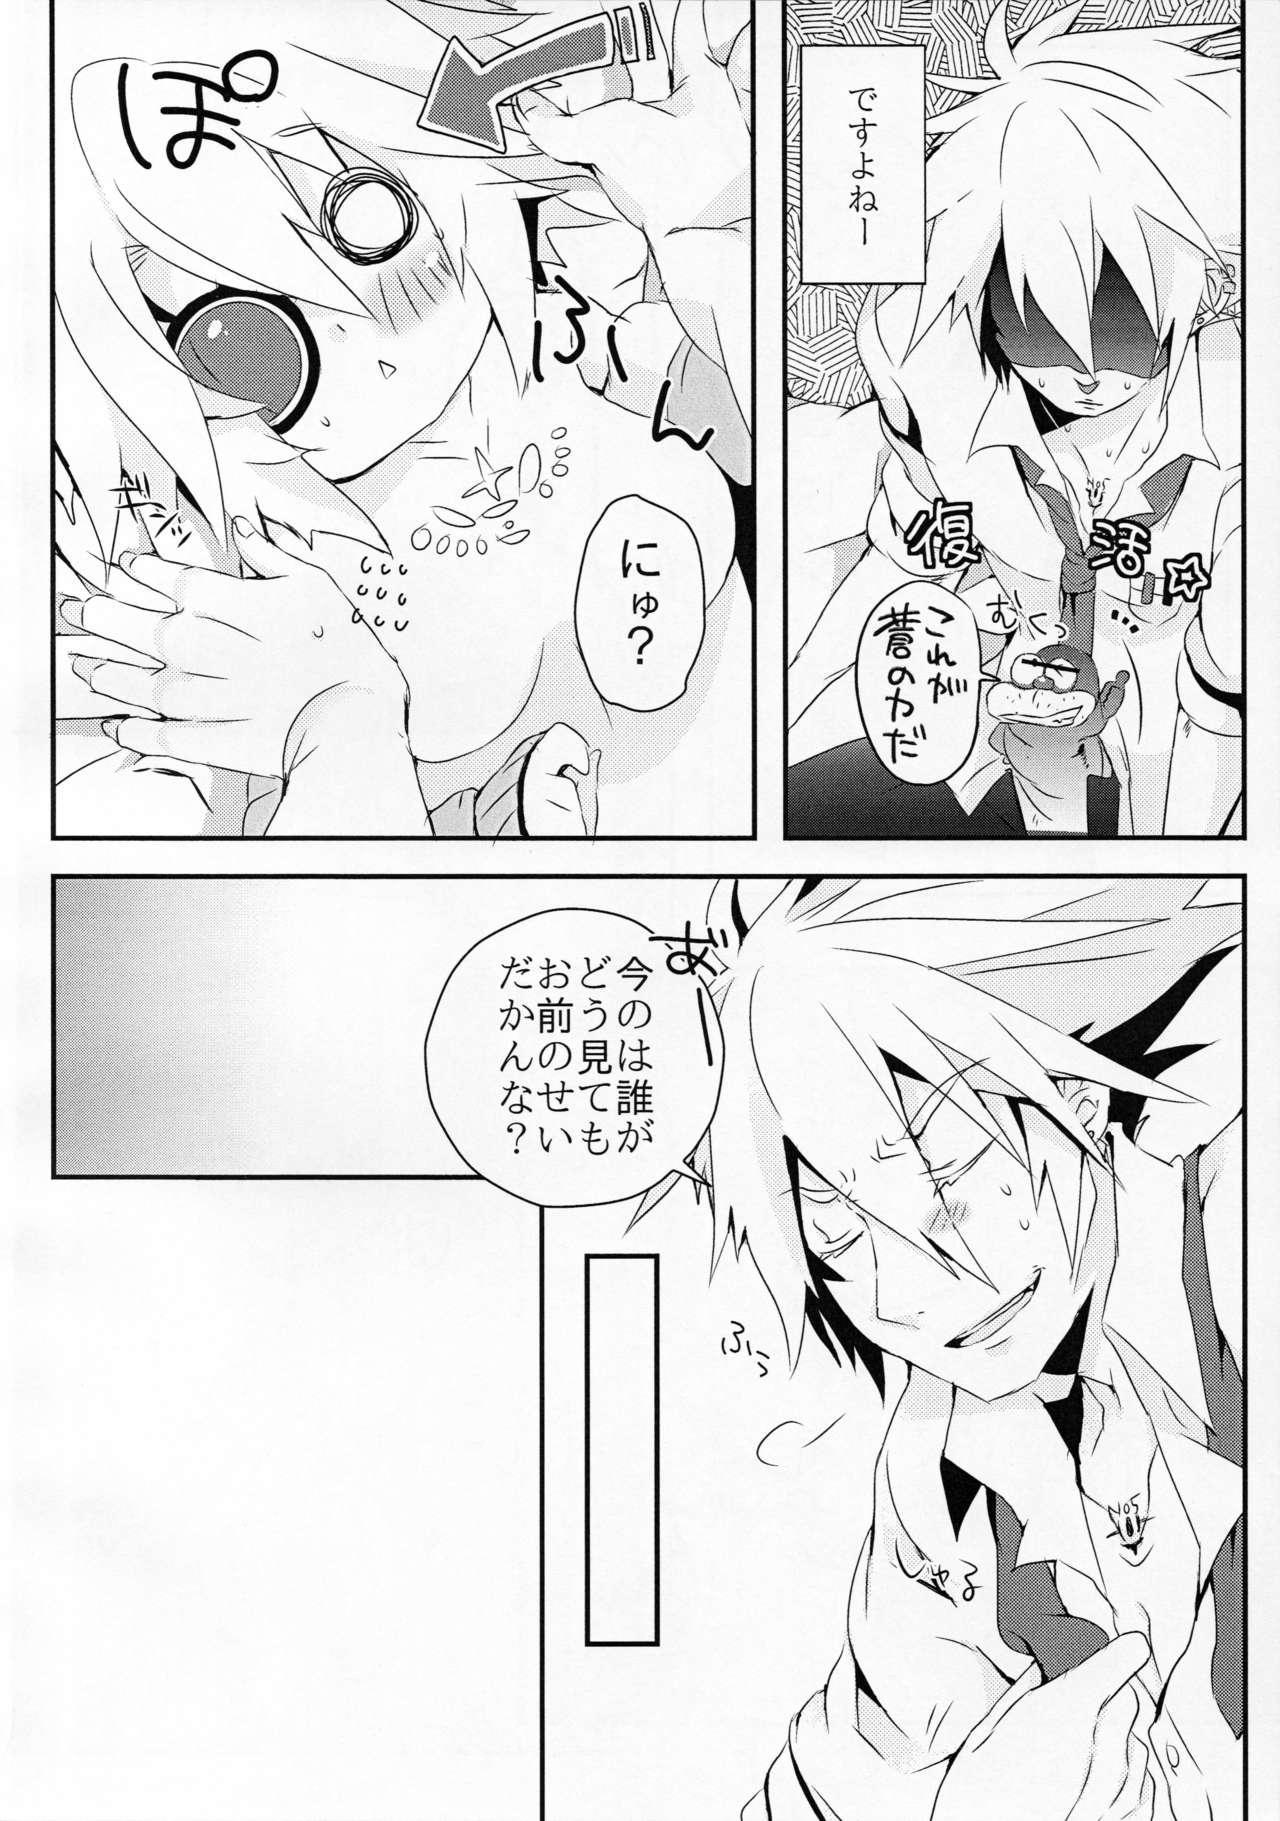 Ningyou no Miru Yume wa 24